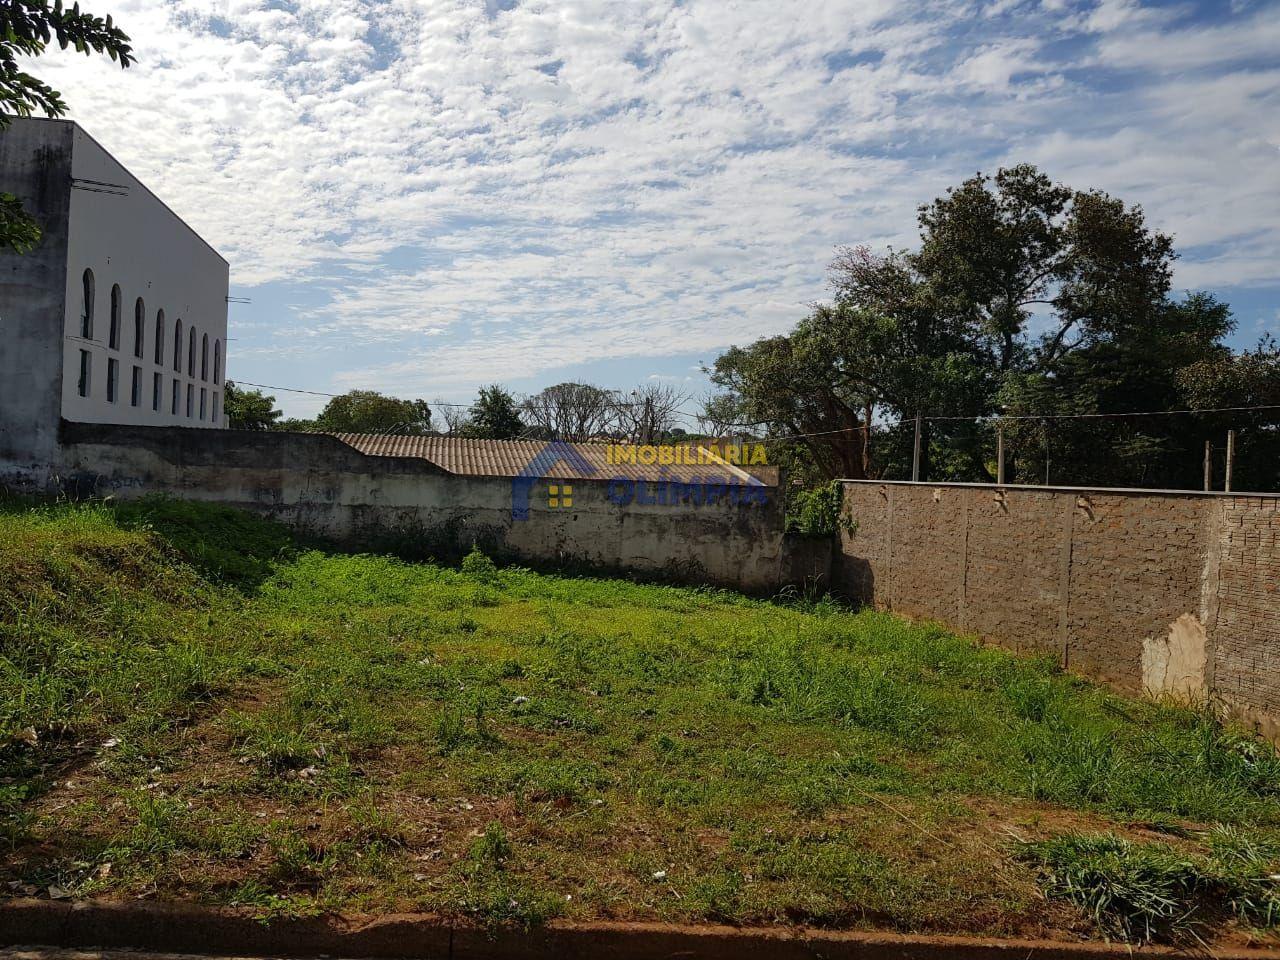 Terreno/Lote à venda  no São José - OlÍmpia, SP. Imóveis